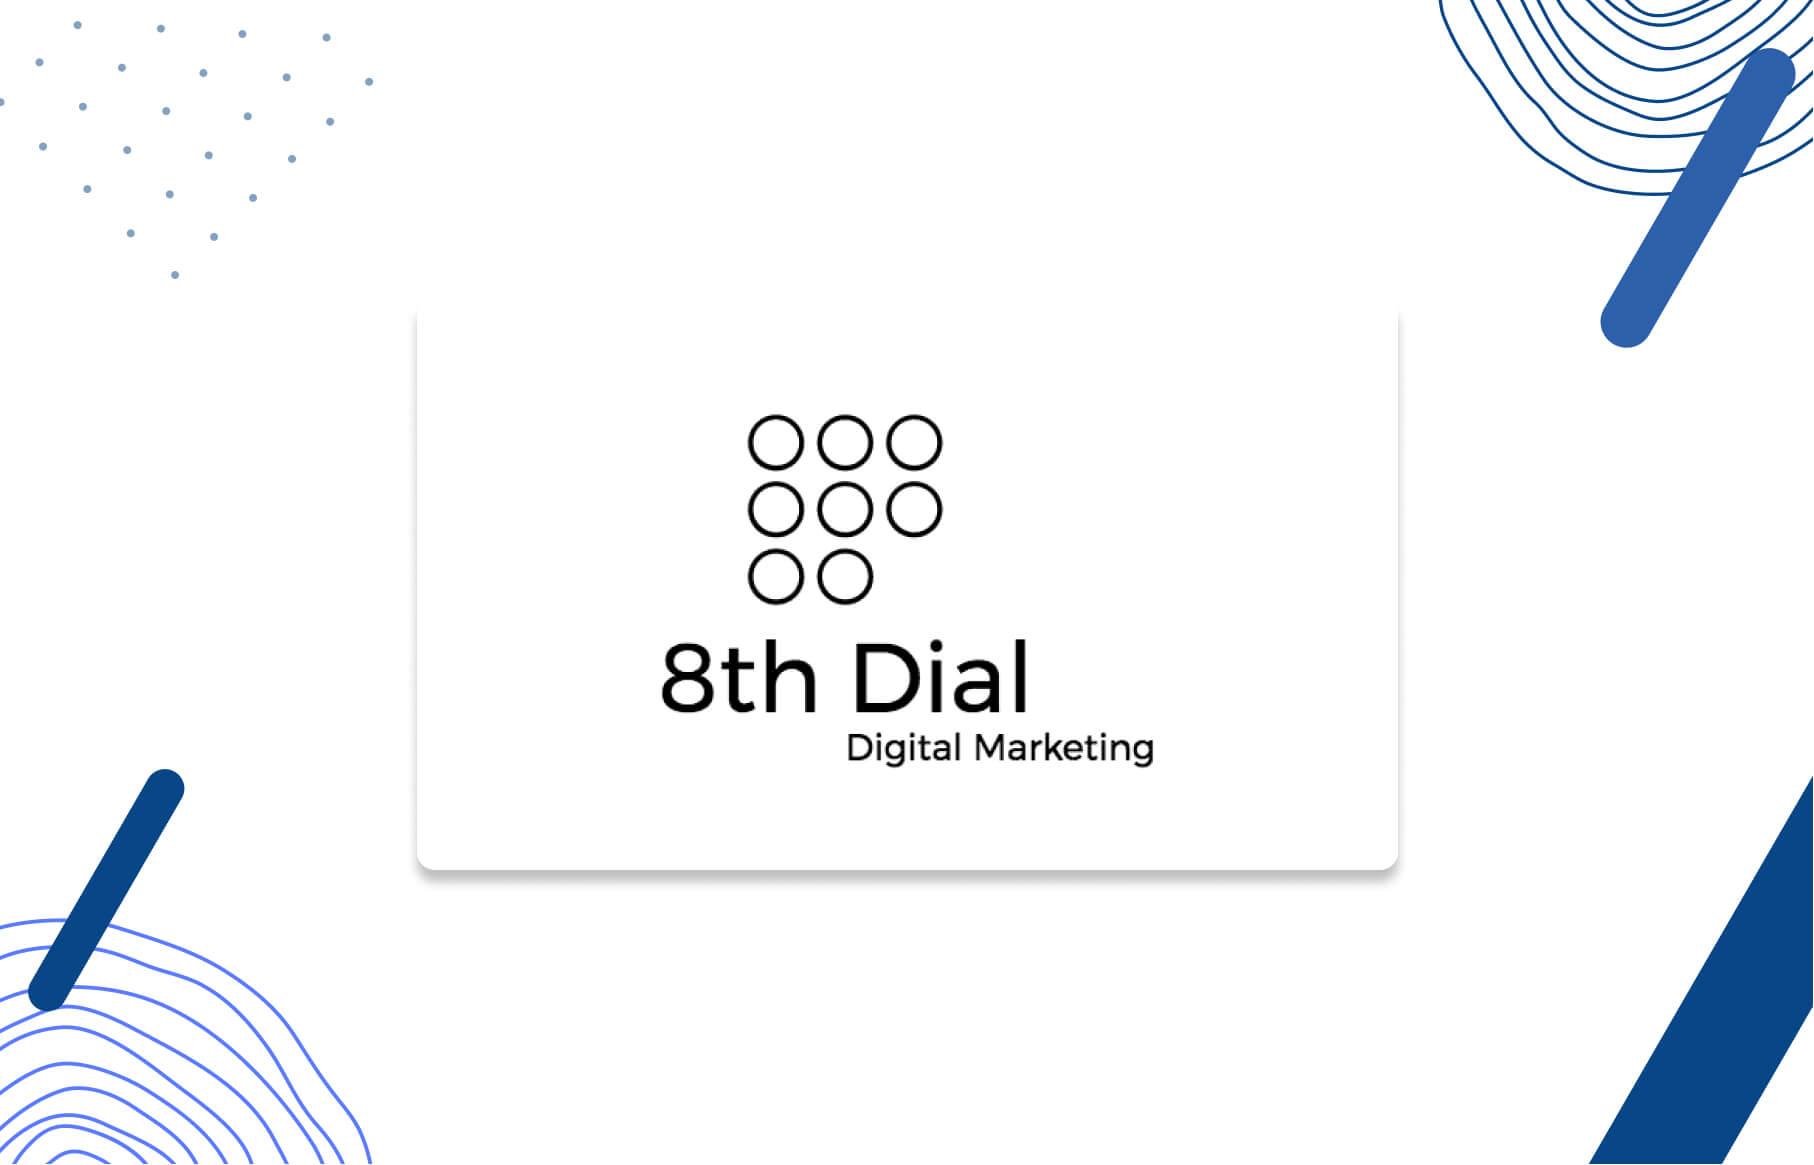 8th Dial Digital Marketing Logo - Multi-Channel Marketing